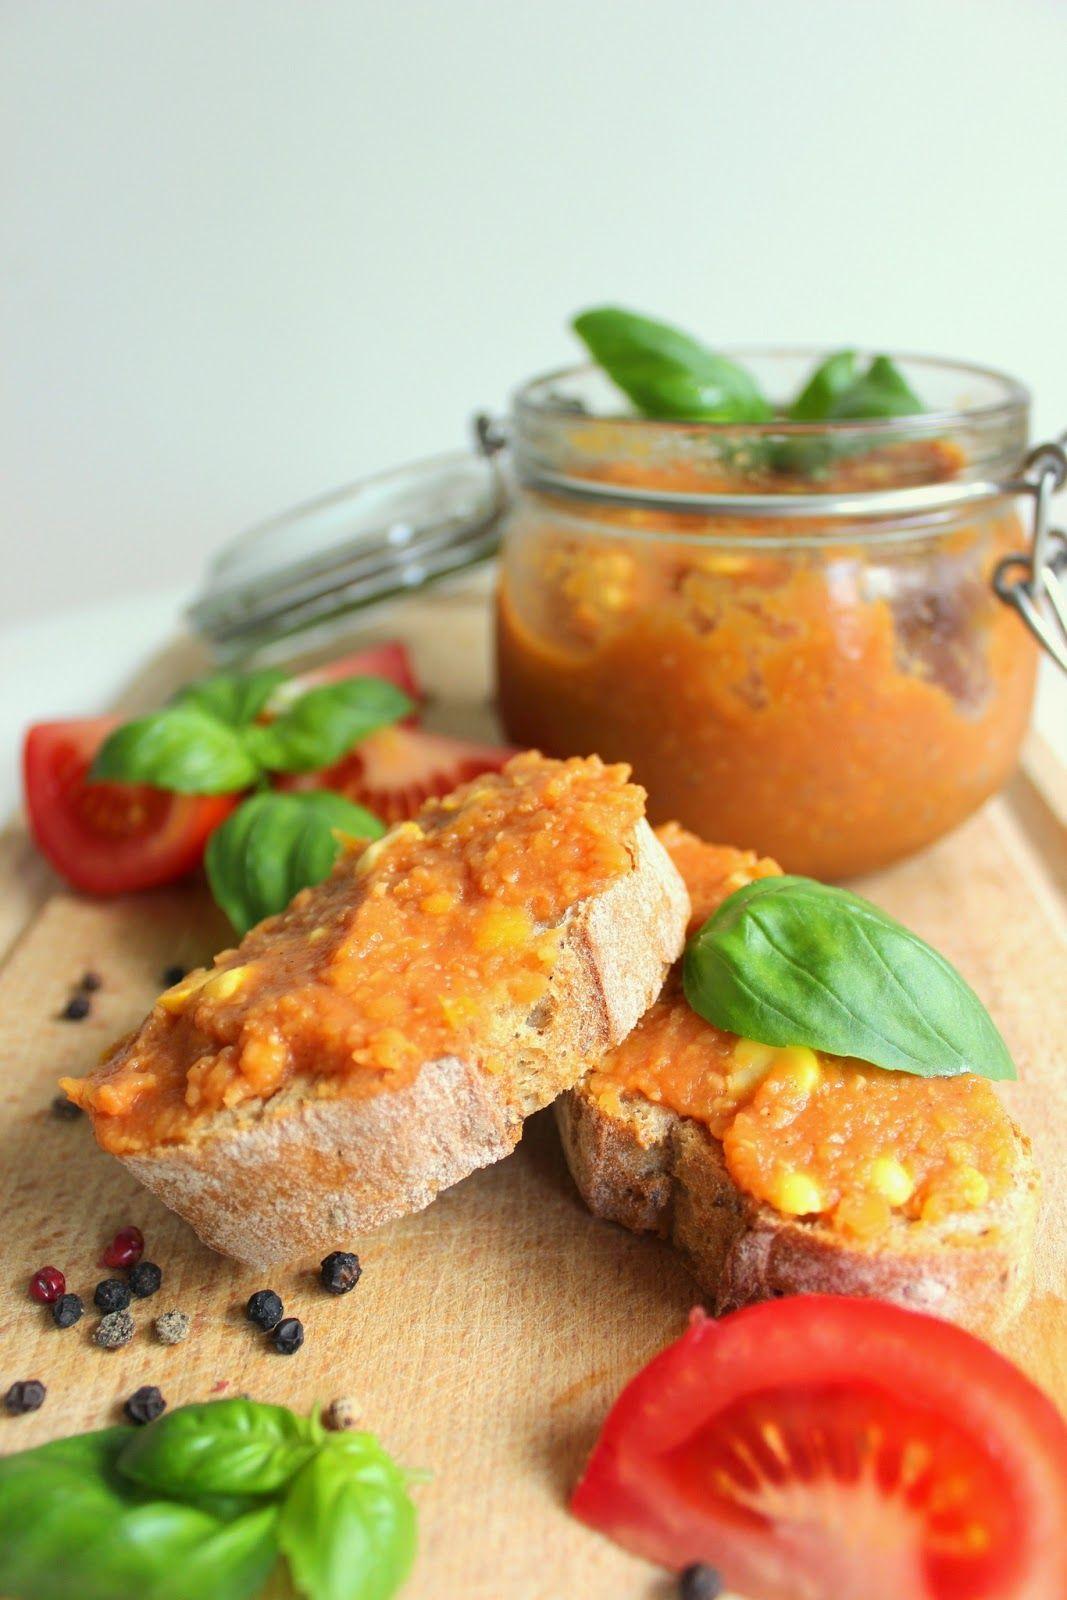 veganer brotaufstrich linsen paprika tomate food. Black Bedroom Furniture Sets. Home Design Ideas